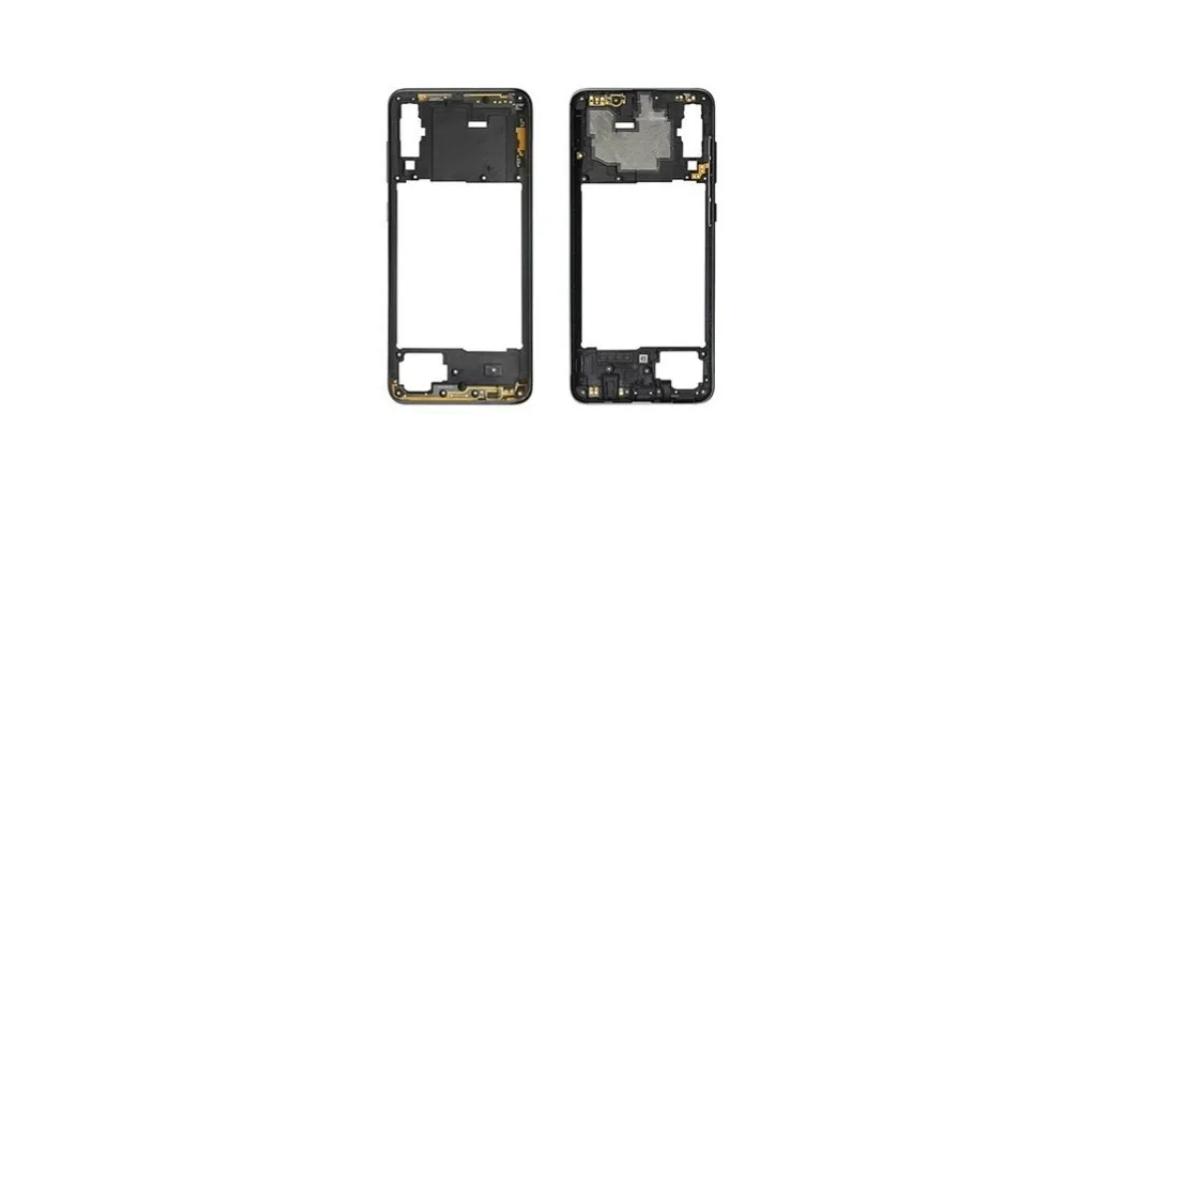 ARO LATERAL FRAME TRASEIRO SAMSUNG GALAXY A70 SM-A705 PRETO